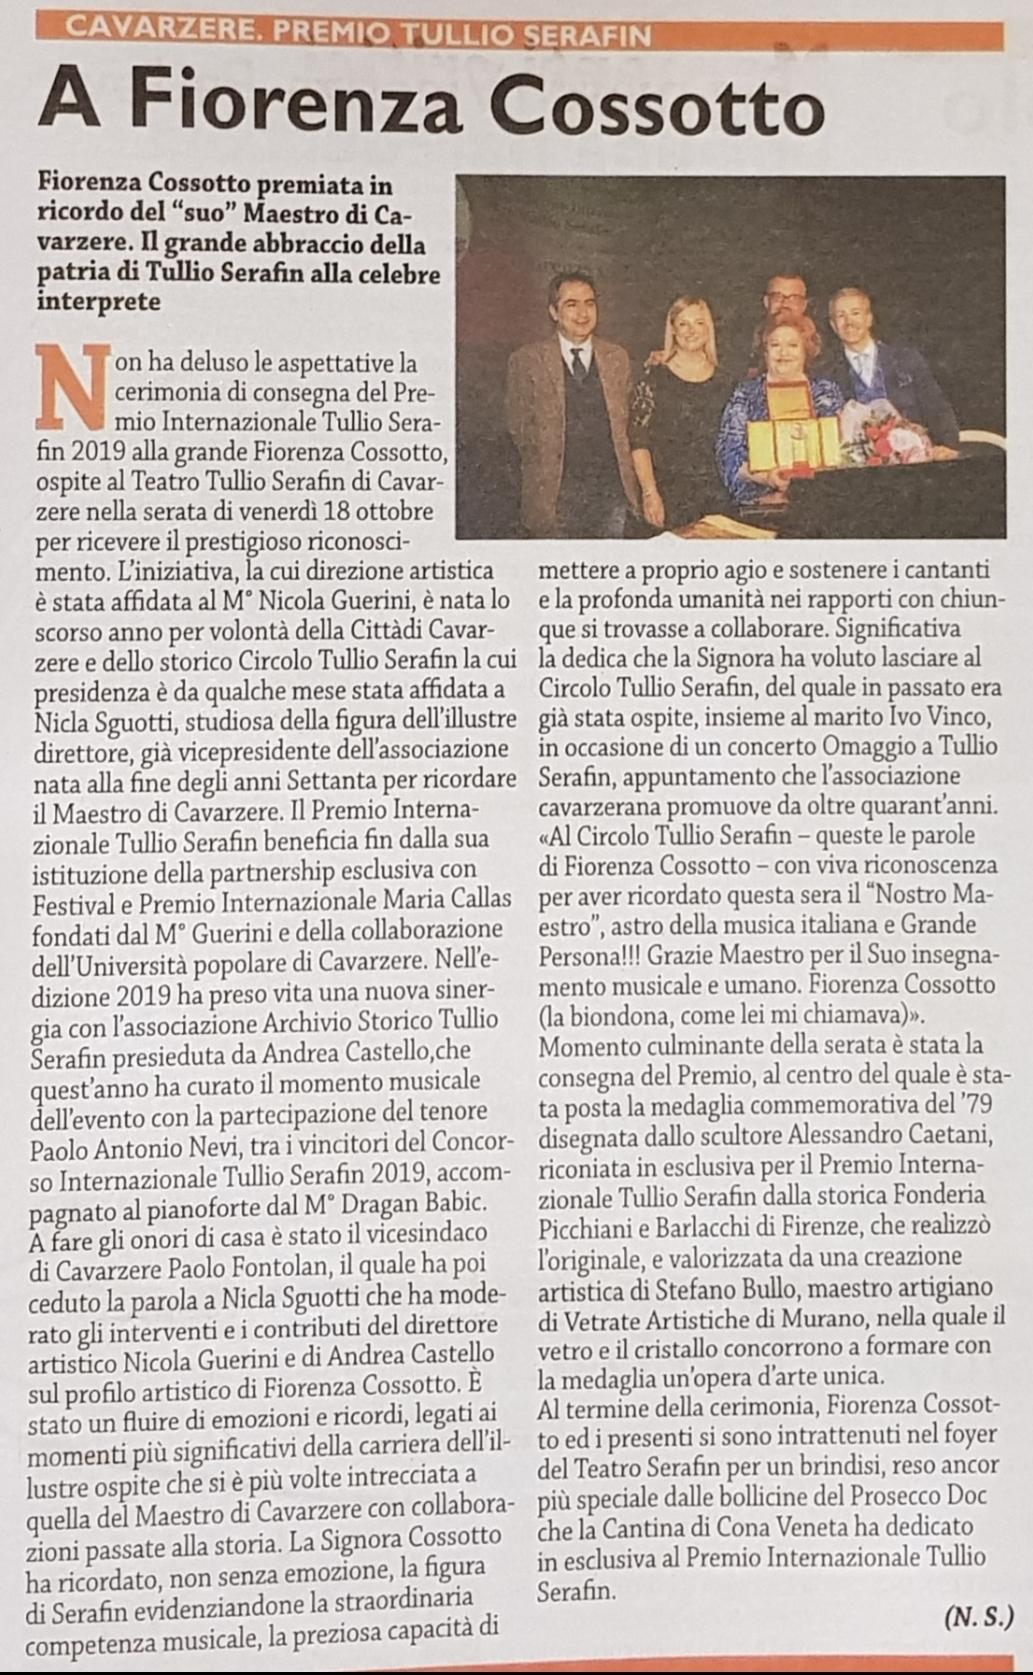 Premio Tullio Serafin a Fiorenza Cossotto – Nuova Scintilla